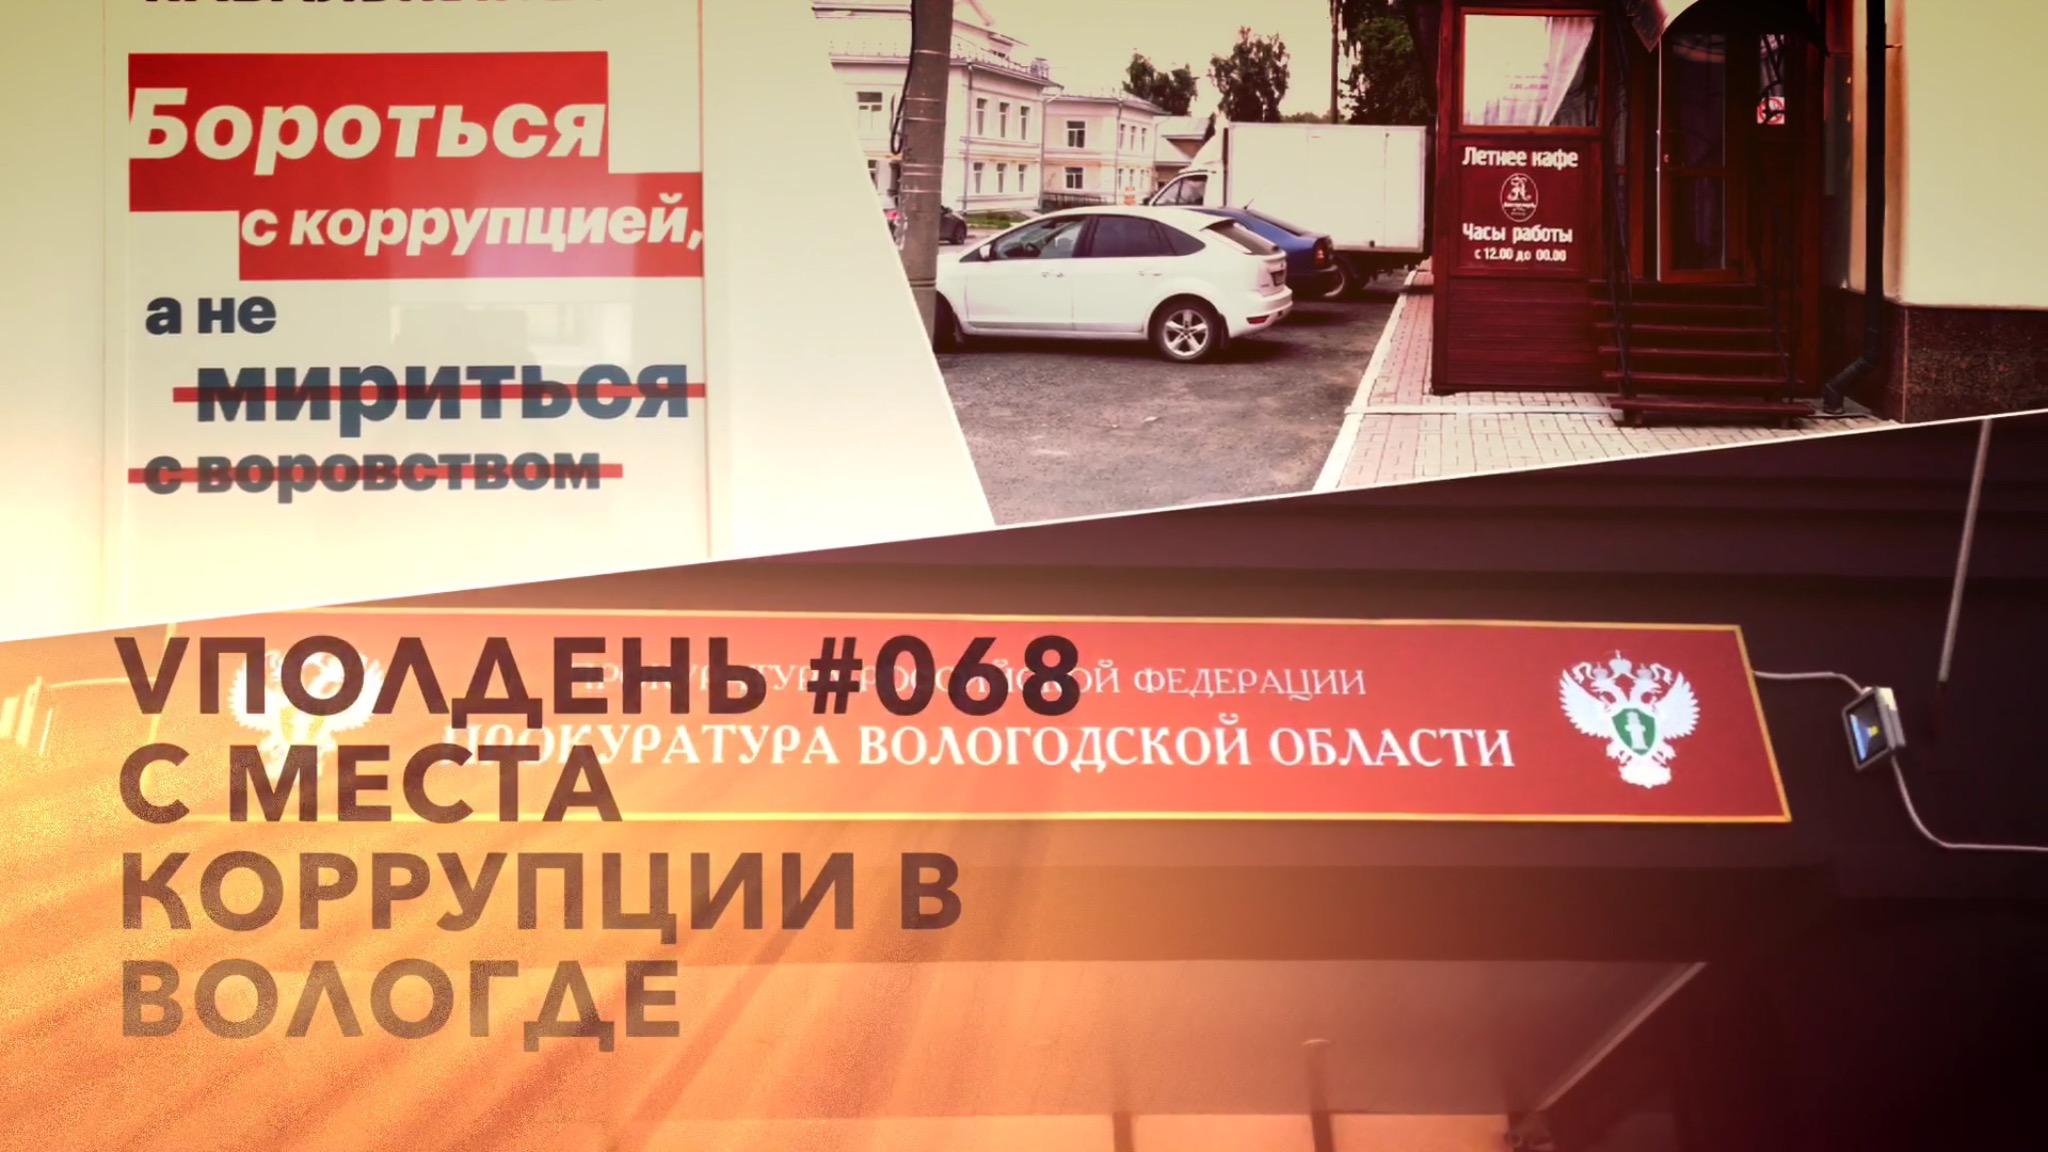 vПолдень #068 с места коррупции в Вологде